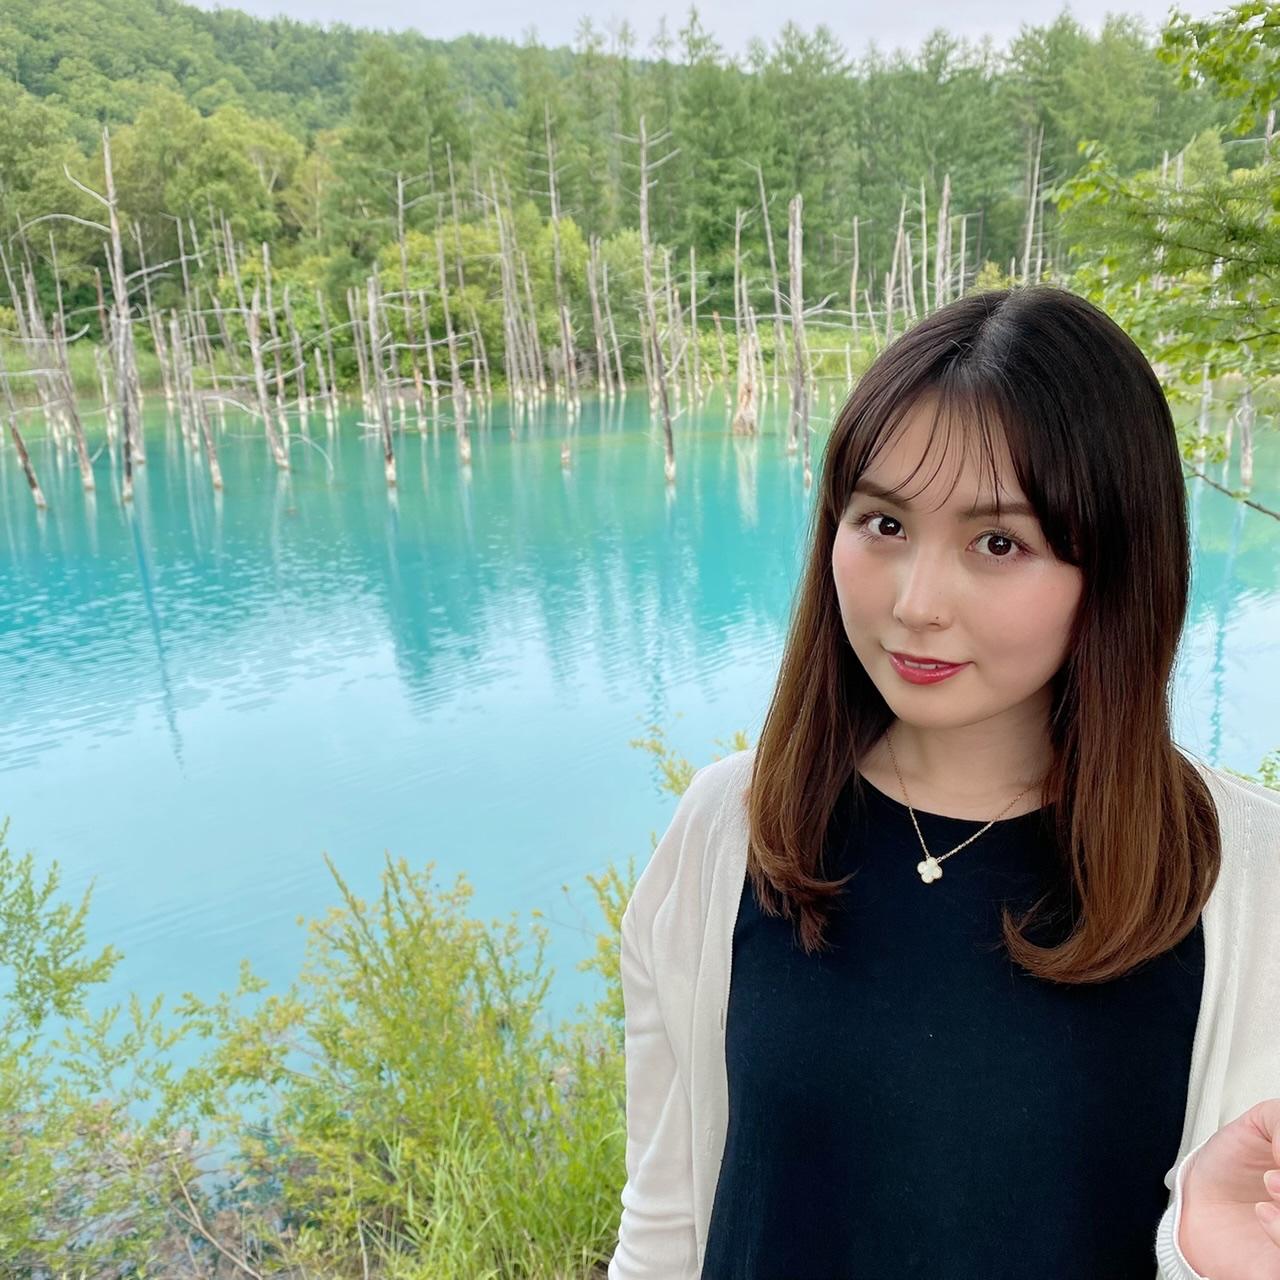 【北海道観光】美瑛町の青い池に行って来ました♪_4